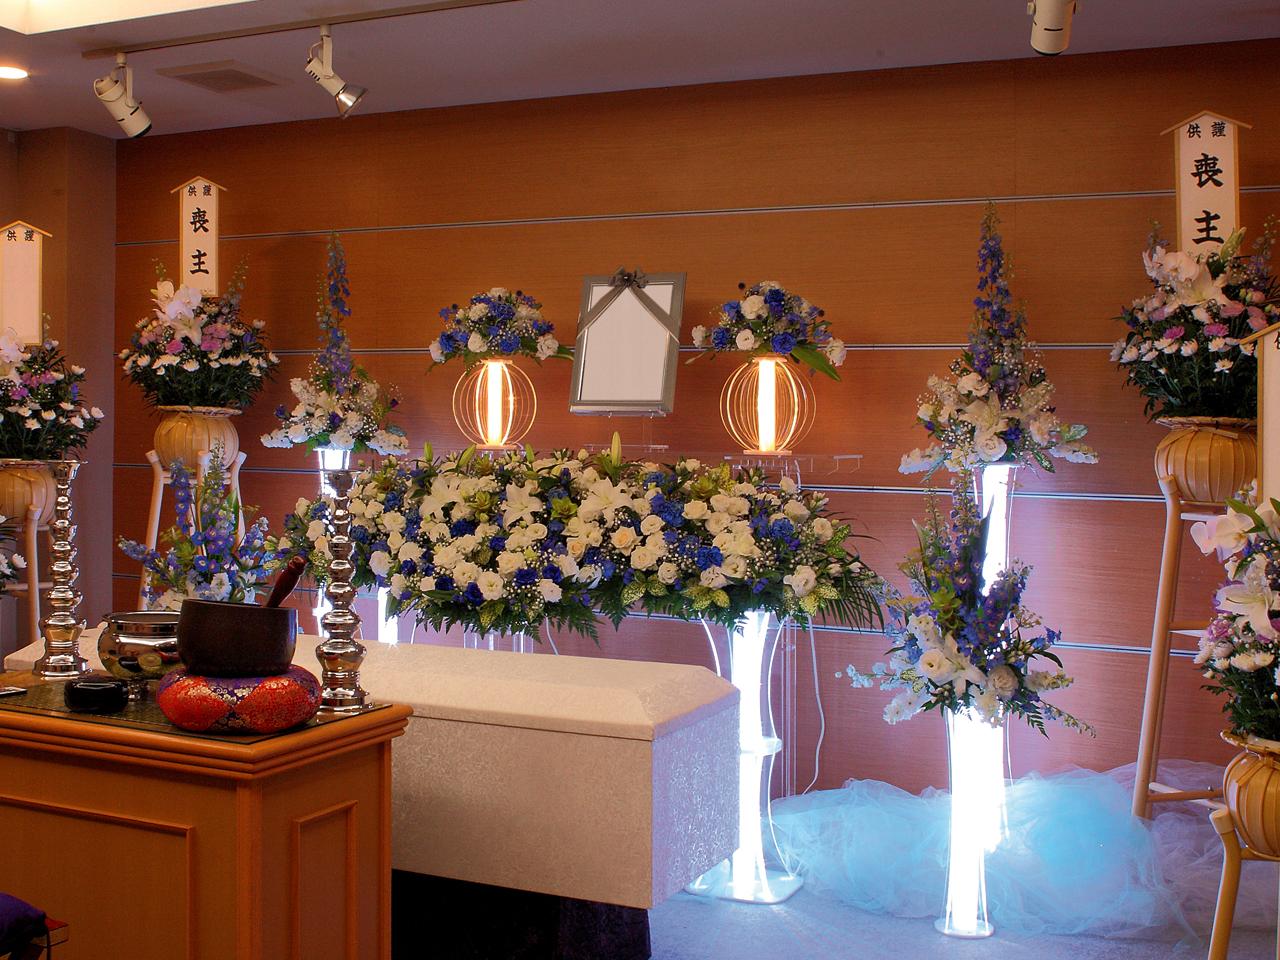 【光祭壇(水戸限定)】家族葬 参列12人 水戸市